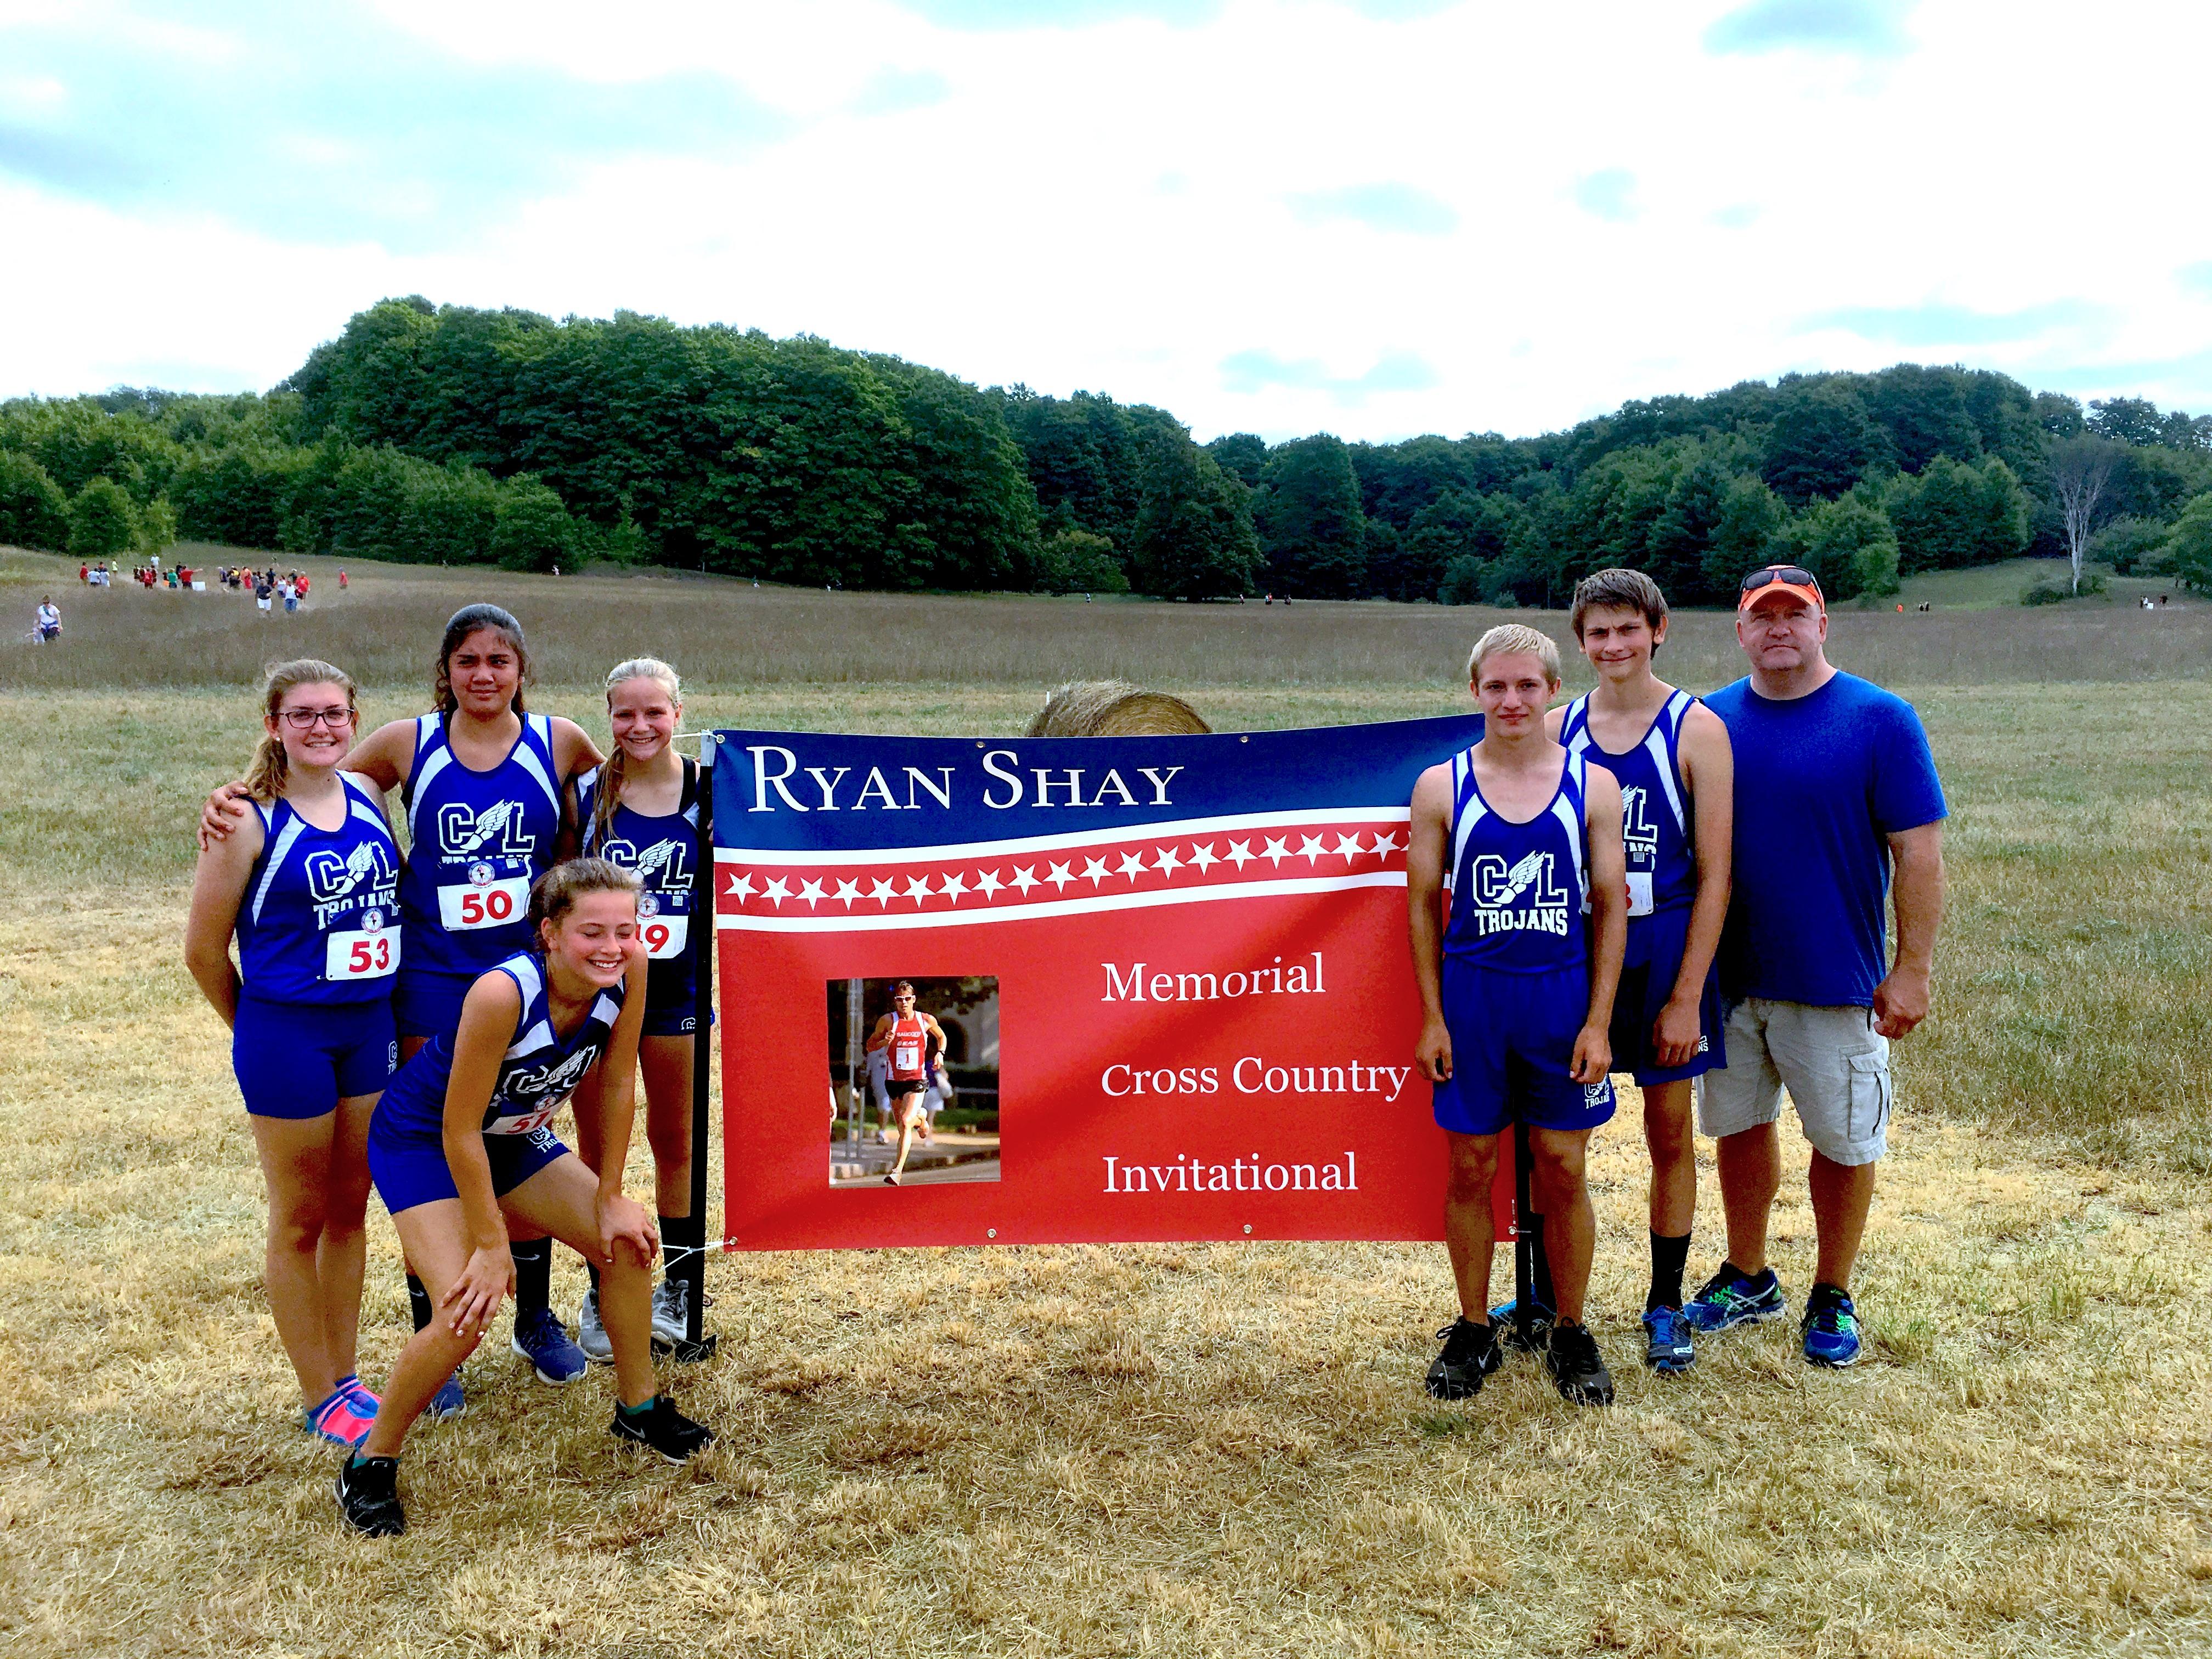 Ryan Shay Race and New Coach Boni 8-18-18